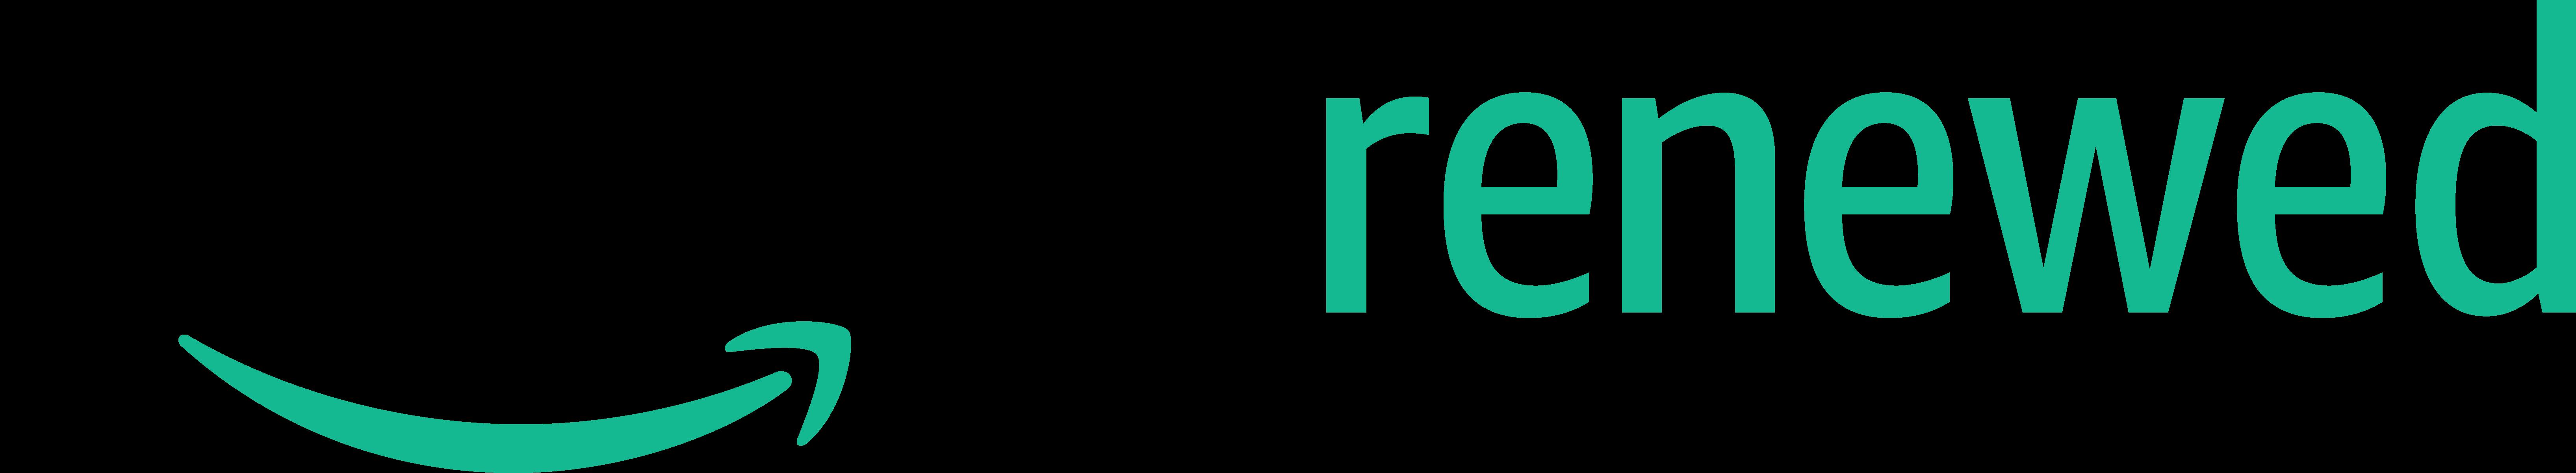 Zertifiziert und generalüberholt auf Amazon Renewed